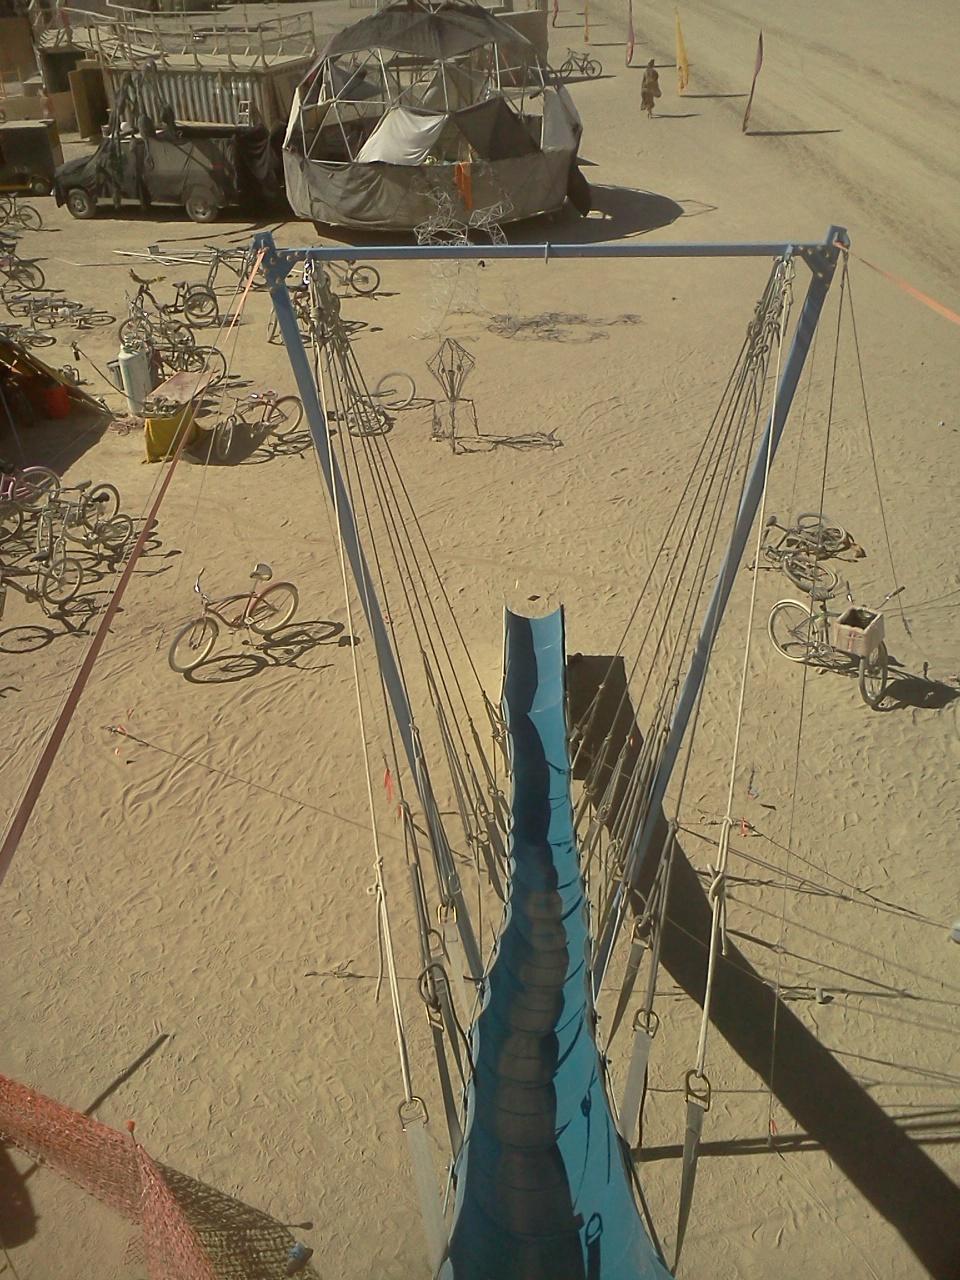 Looking down pre-slde